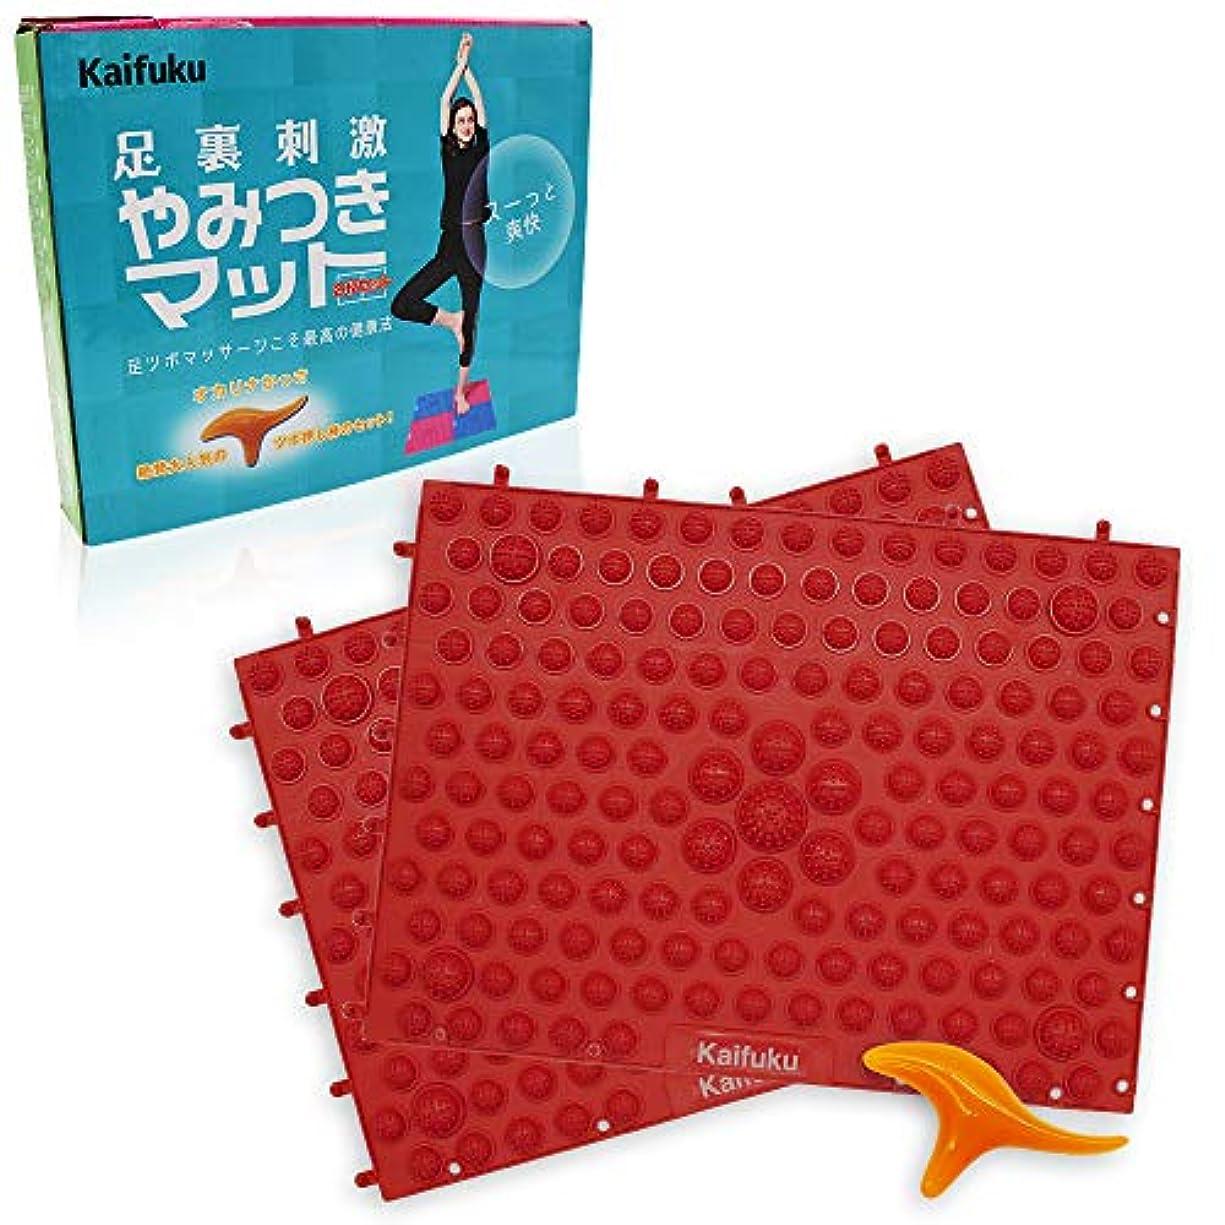 ここに新鮮なビクターkaifuku 足つぼマット 足つぼ 足裏マッサージ 足つぼマッサージ ツボ押し棒 2枚セット (赤)